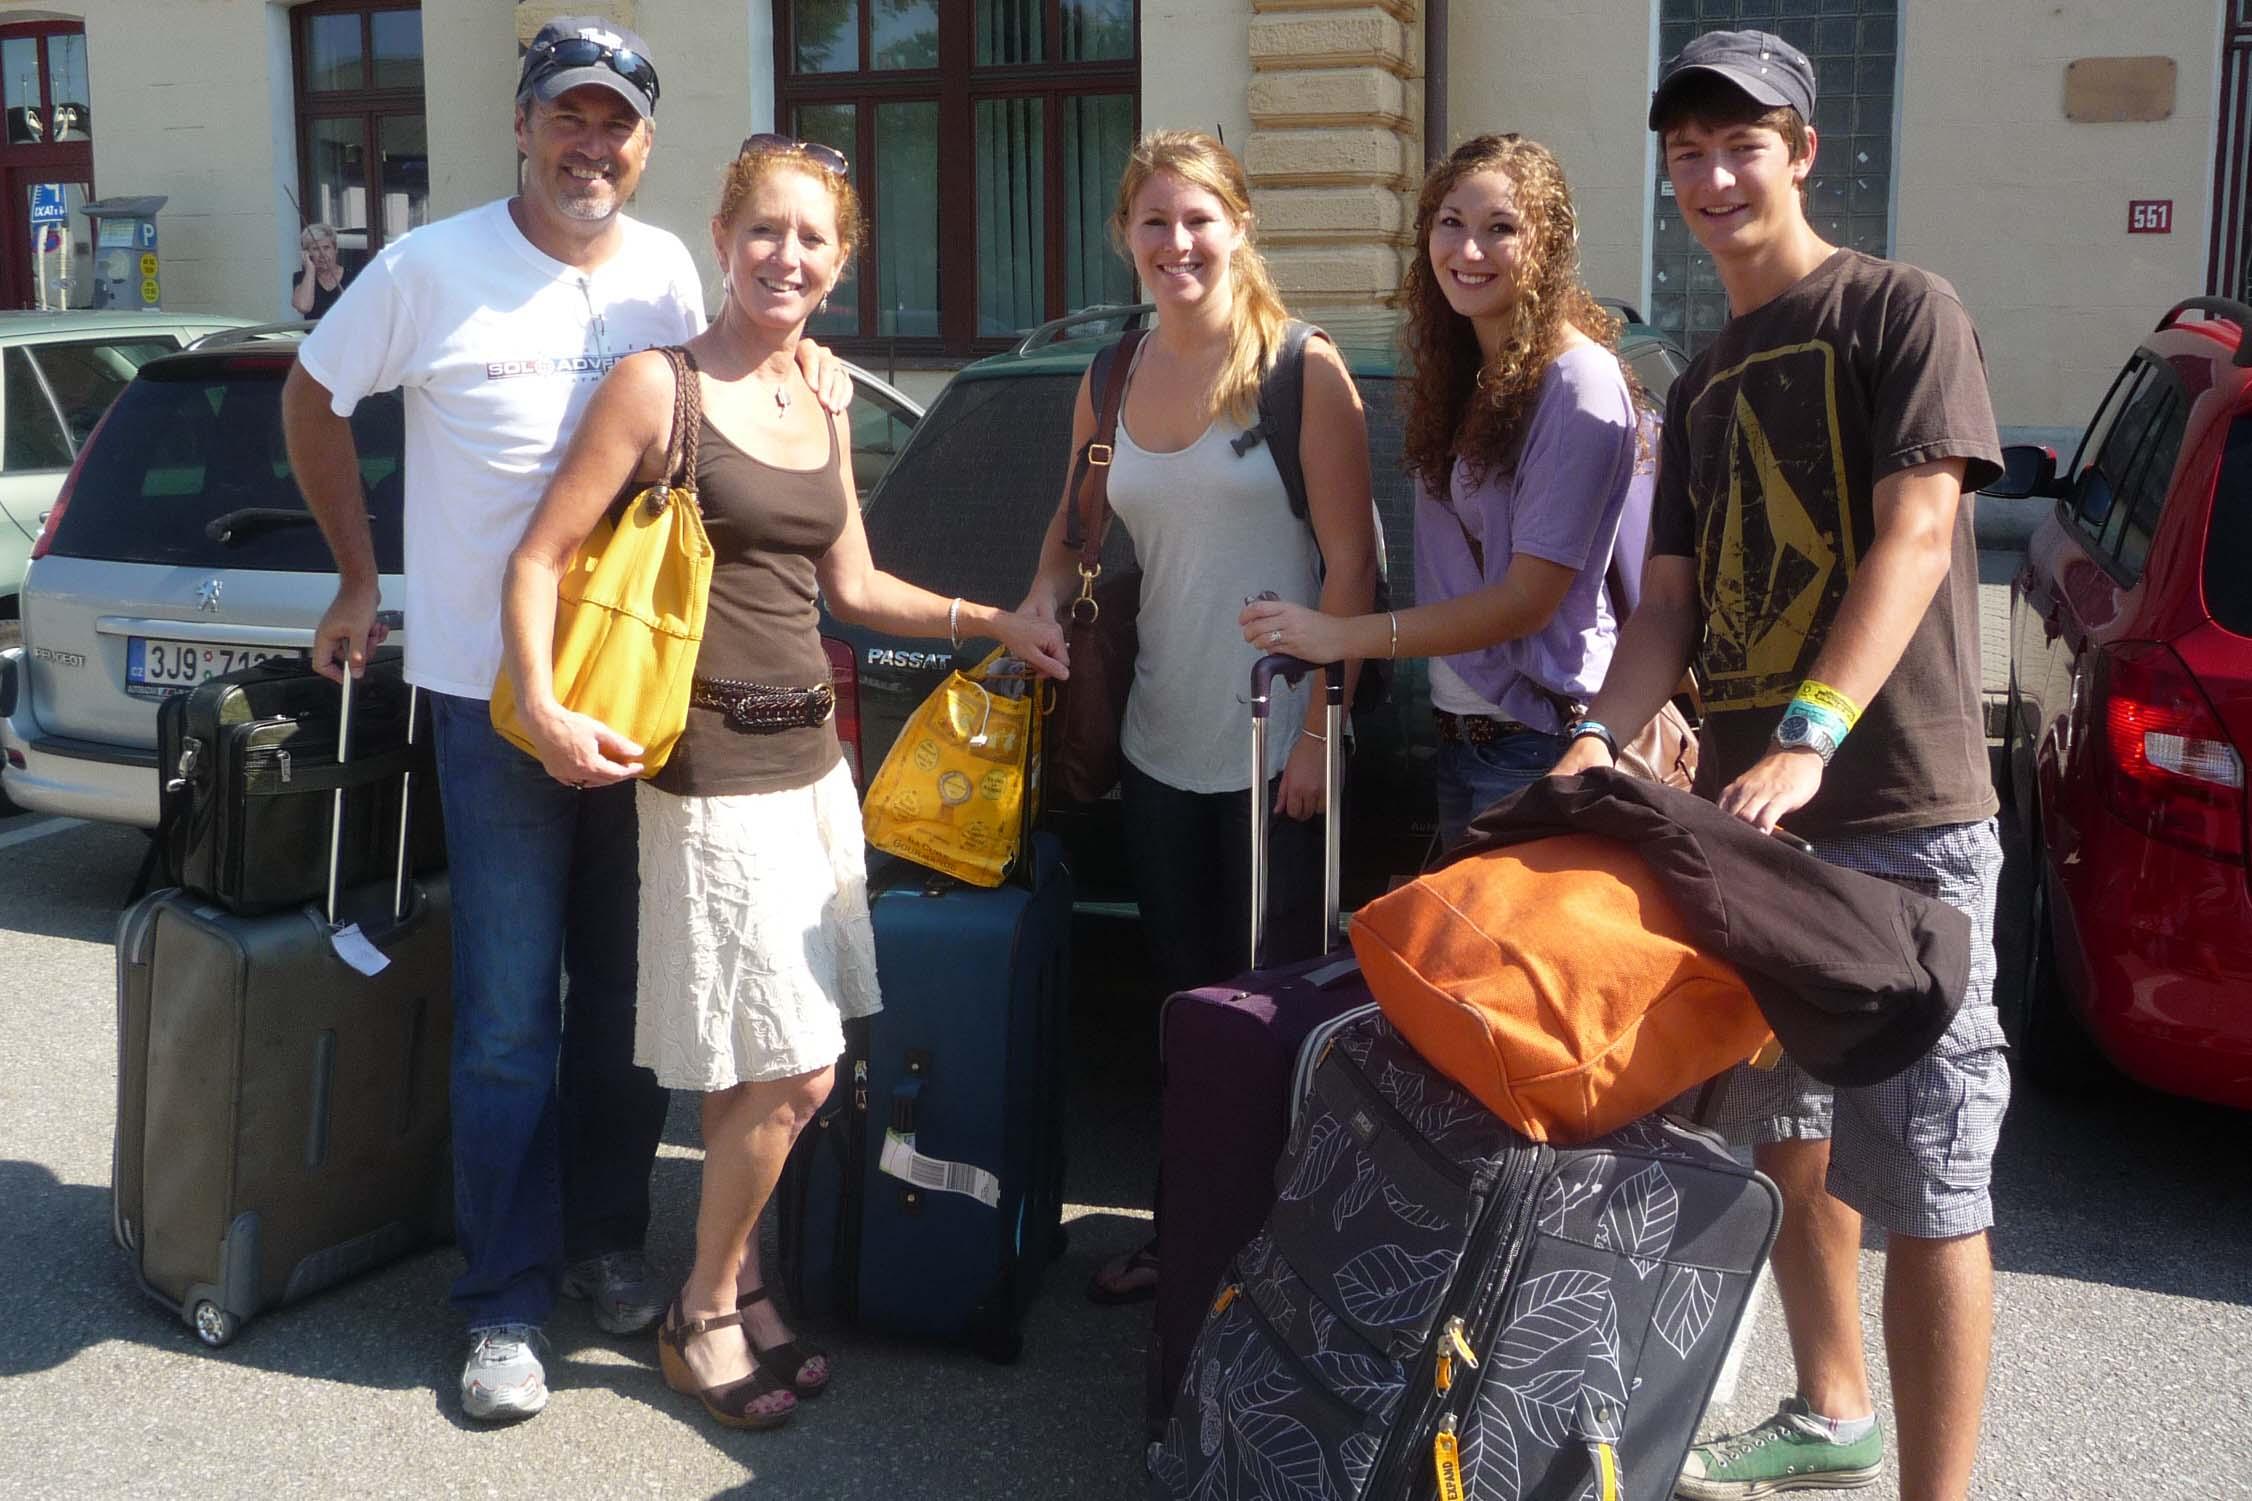 Návštěva Pinkerds v Čechách